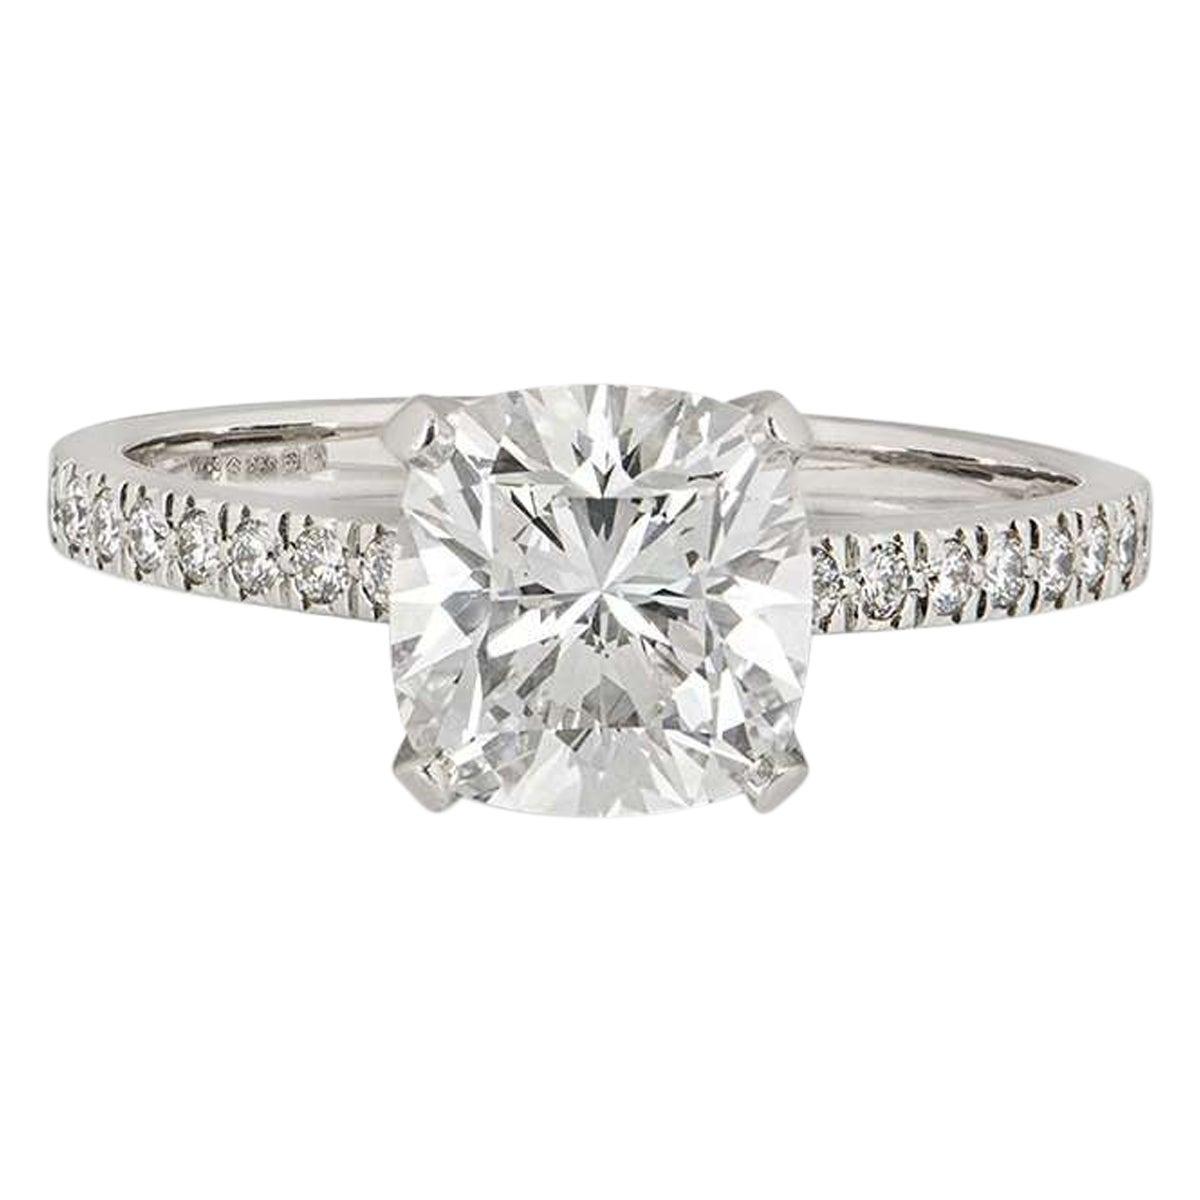 Tiffany & Co. Platinum Cushion Cut Diamond Novo Ring 2.22 Carat G/VVS1